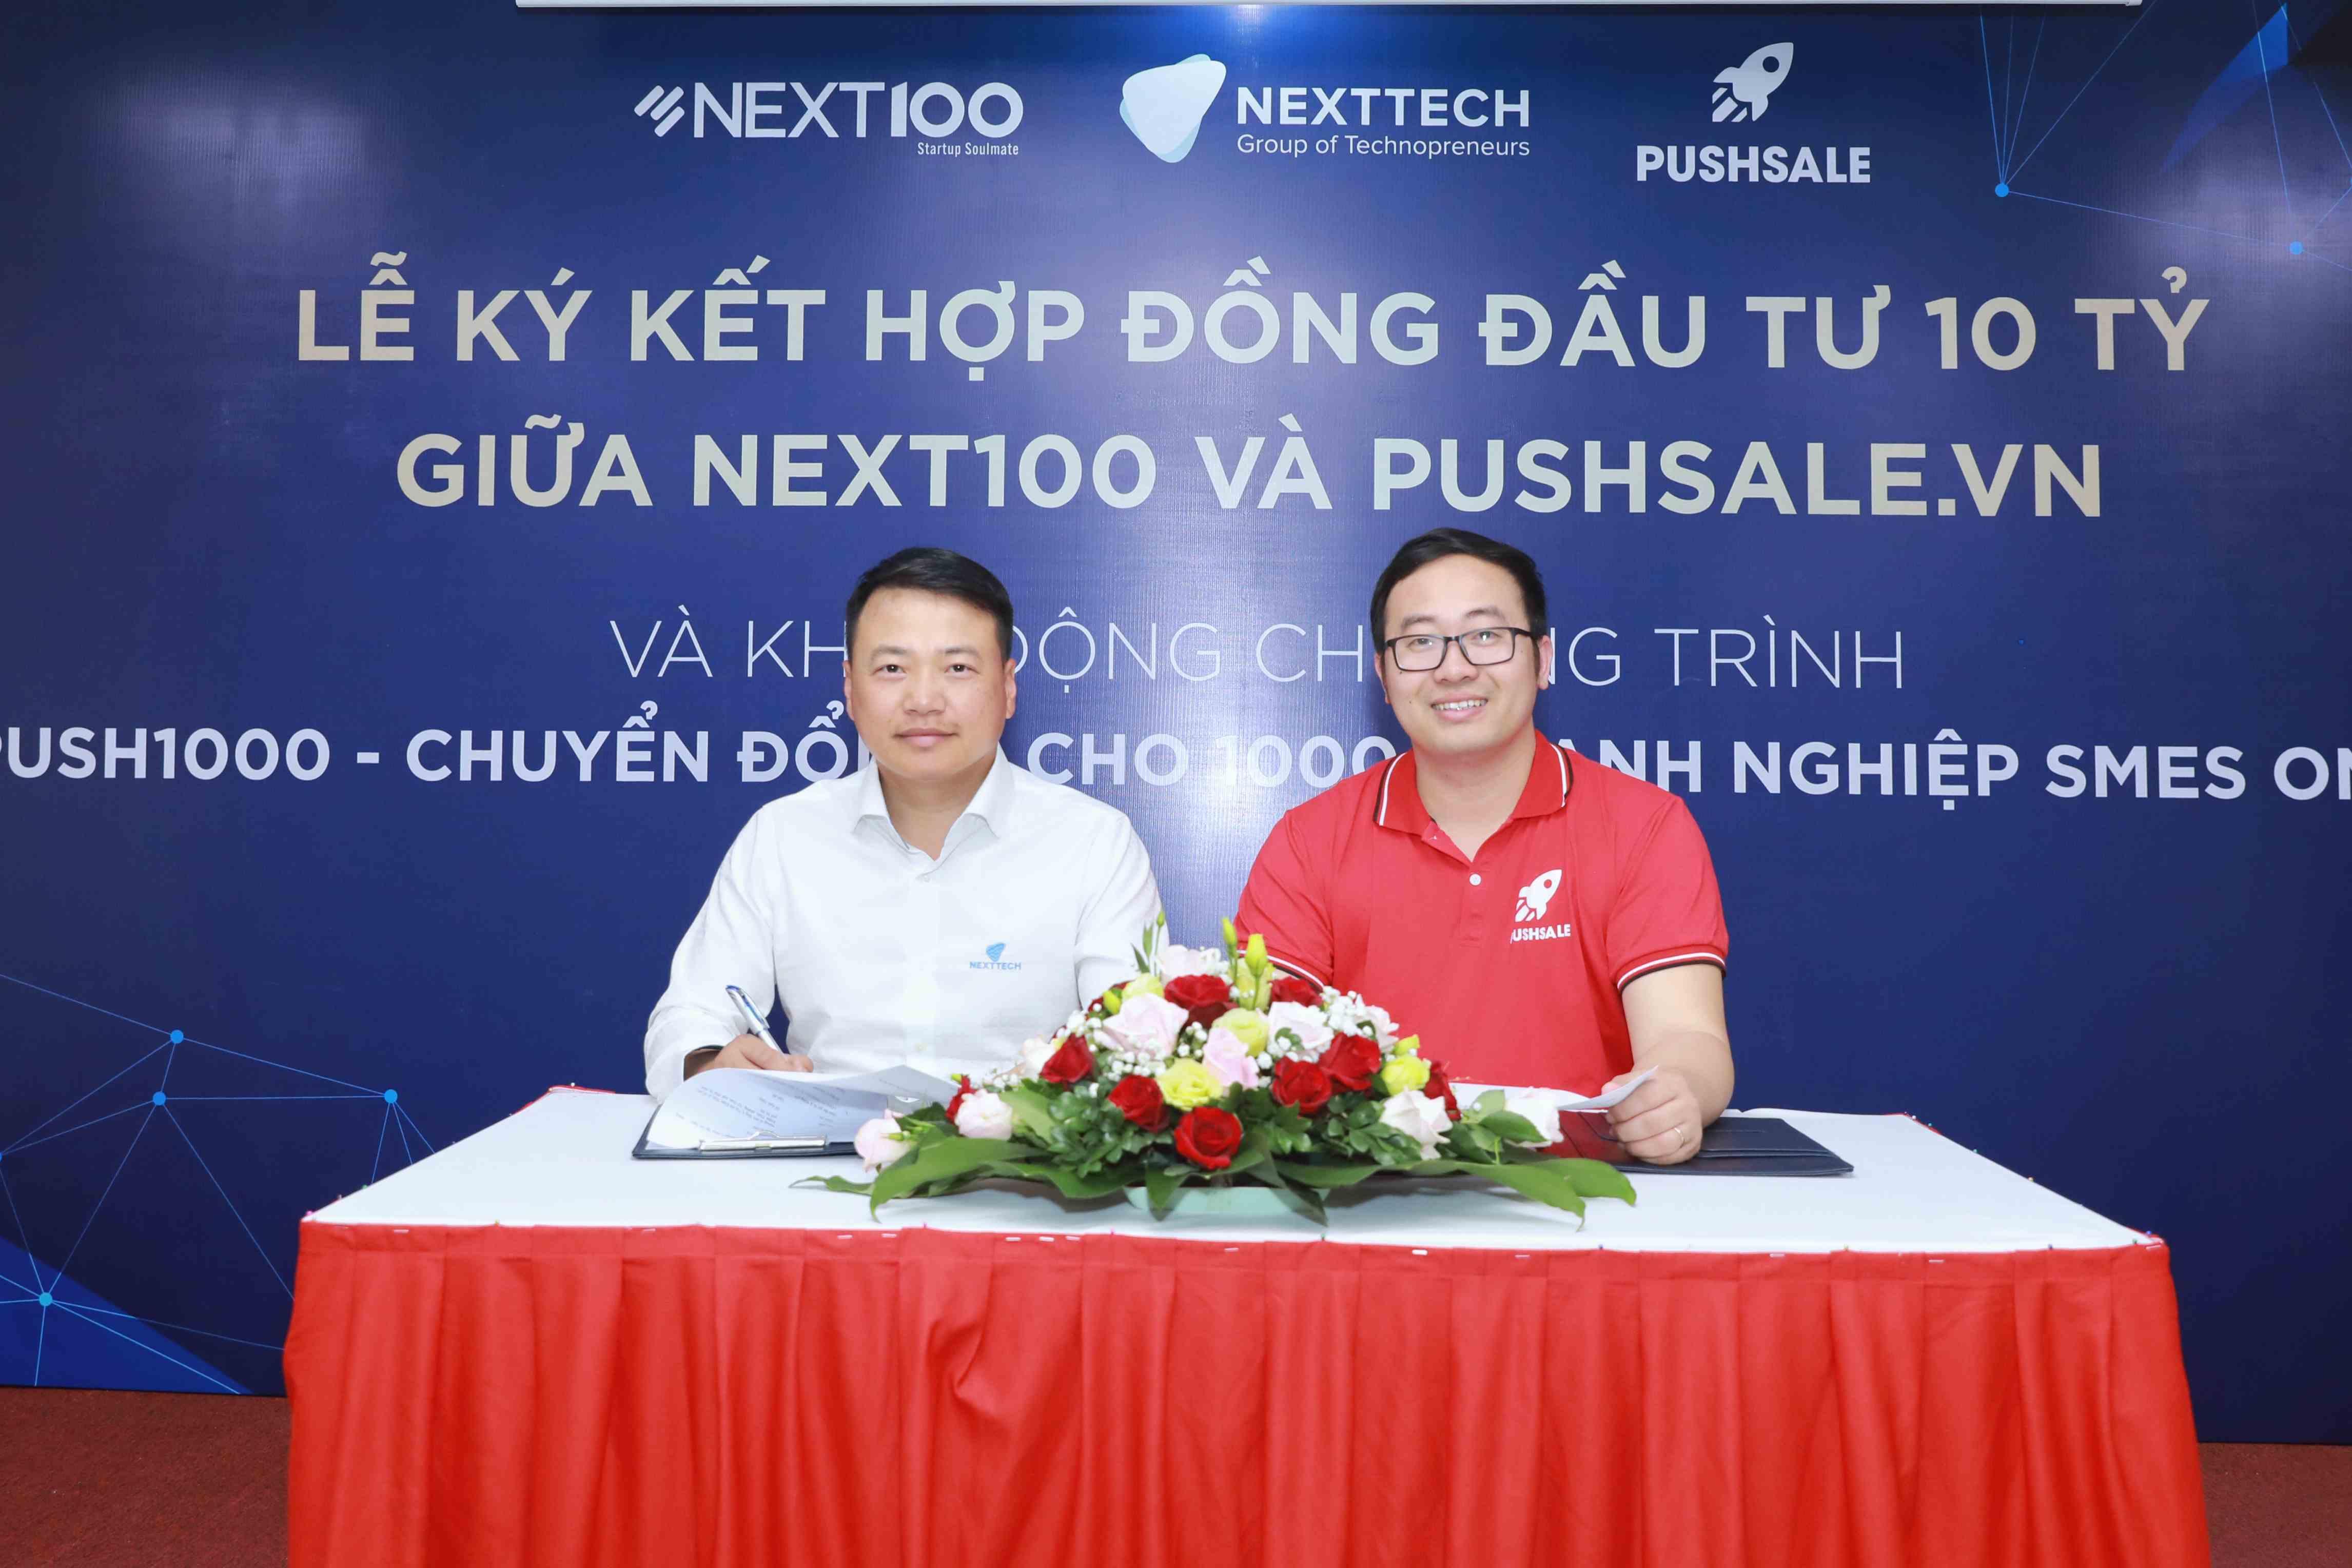 Shark Bình bơm 10 tỷ vào startup chuyển đổi số PushSale.vn chỉ sau 2 lần gặp